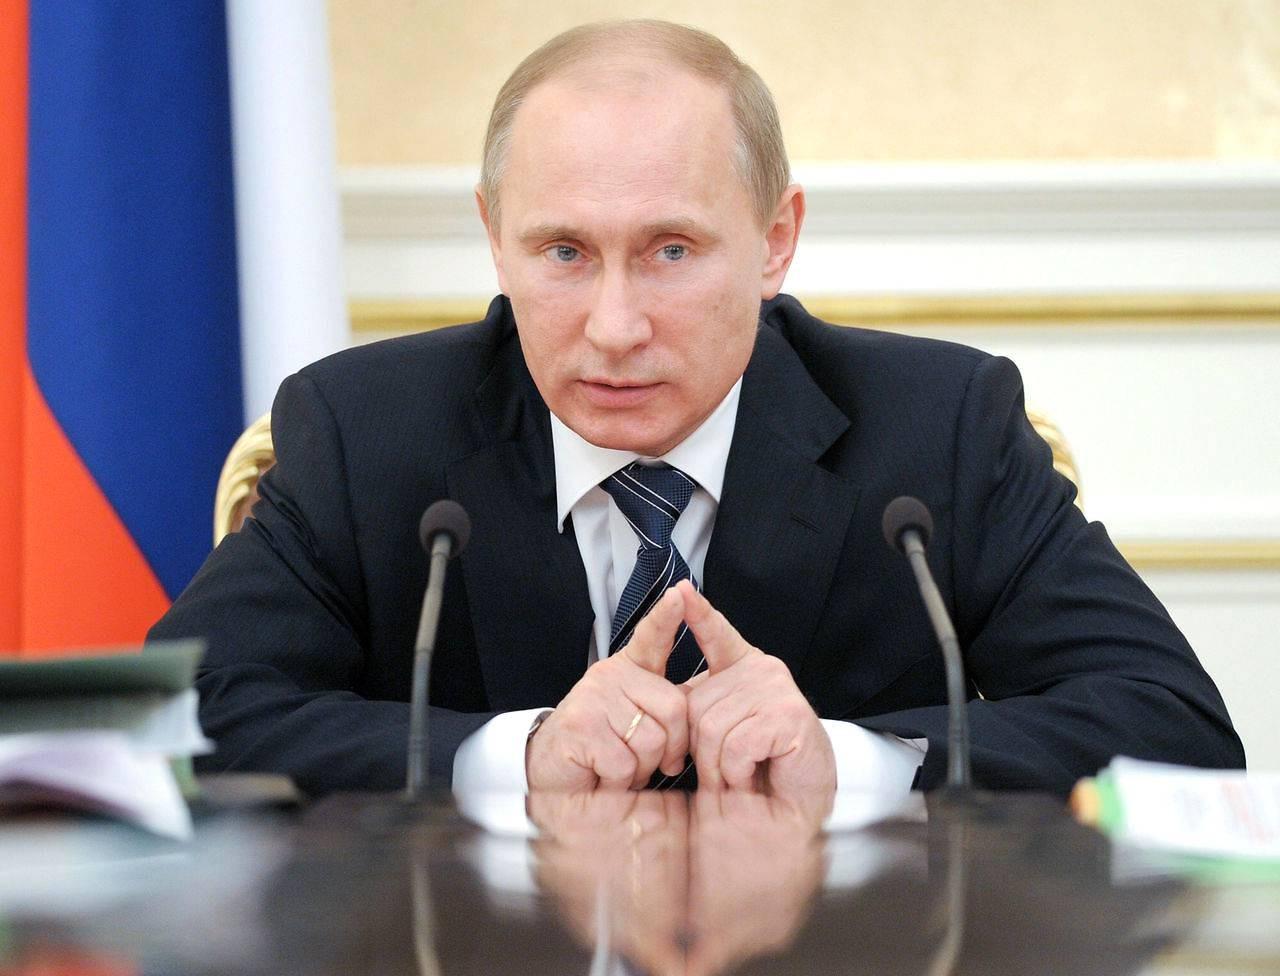 Путин отменил участие всветовом шоу вПетербурге из-за крушения Ту-154